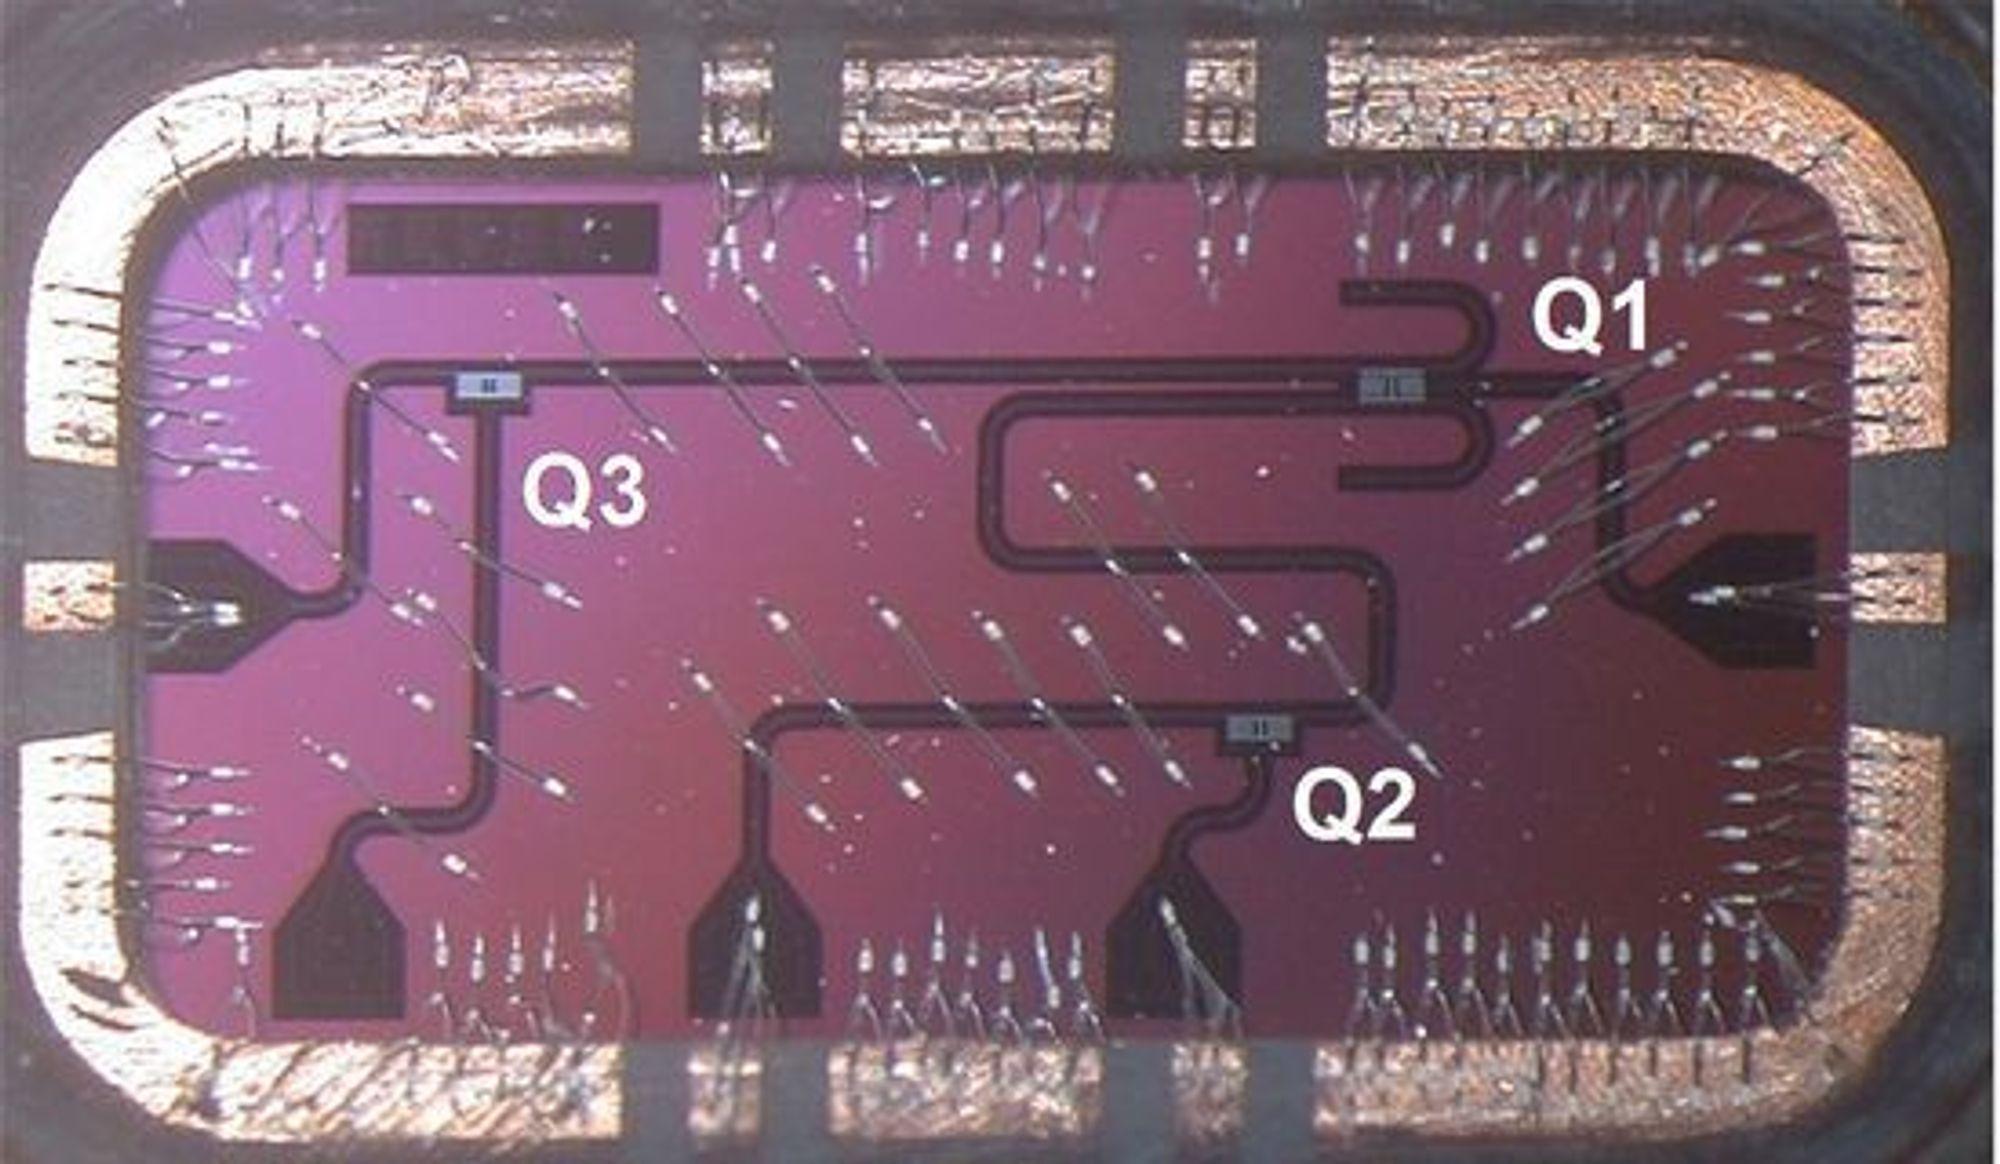 Krets med tre todimensjonale qubit, merket Q1, Q2 og Q3. Kretsens størrelse går fram av bildet øverst i denne artikkelen.